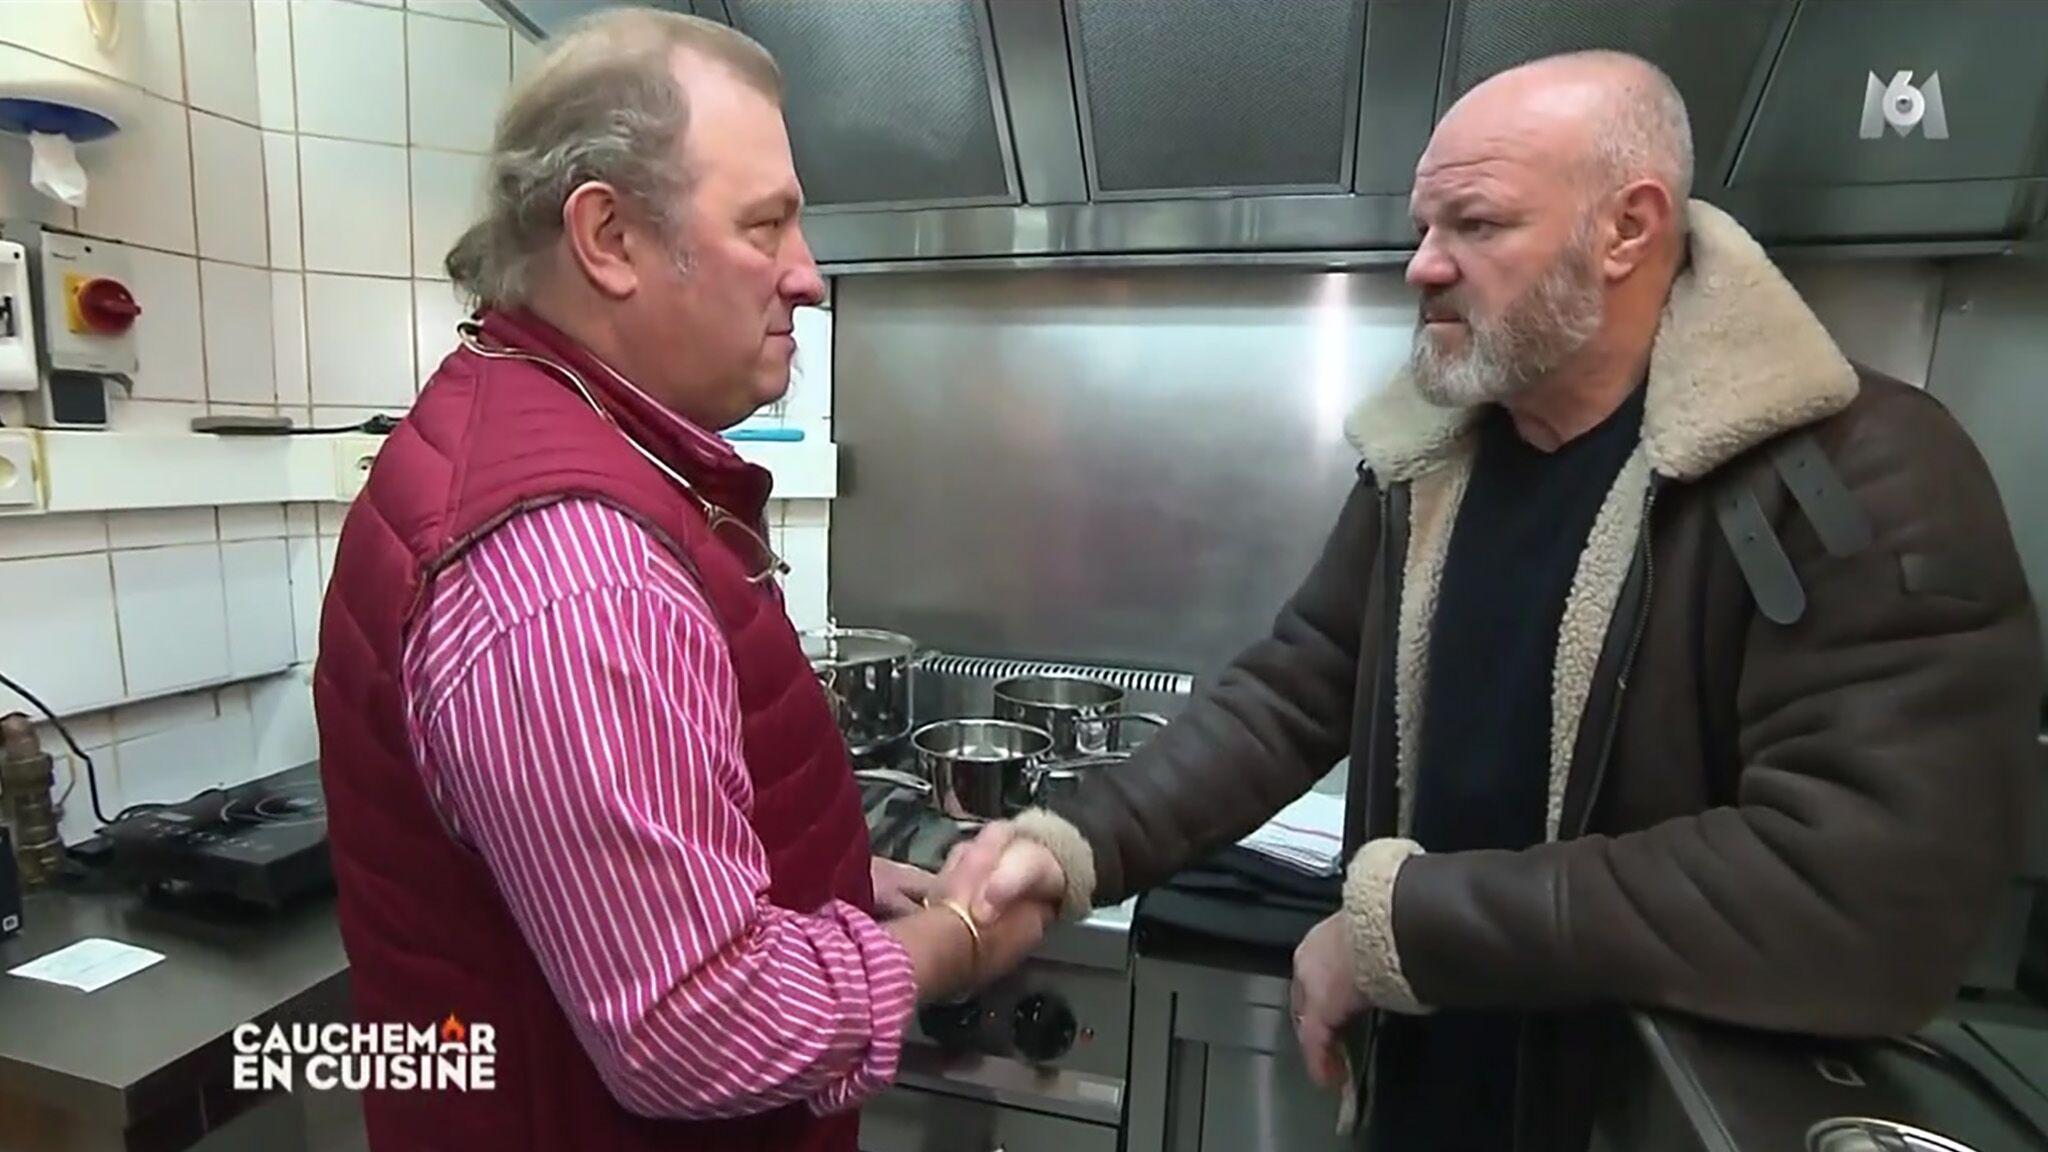 Cauchemar en cuisine : incendie, travaux bâclés… un candidat balance sur l'émission